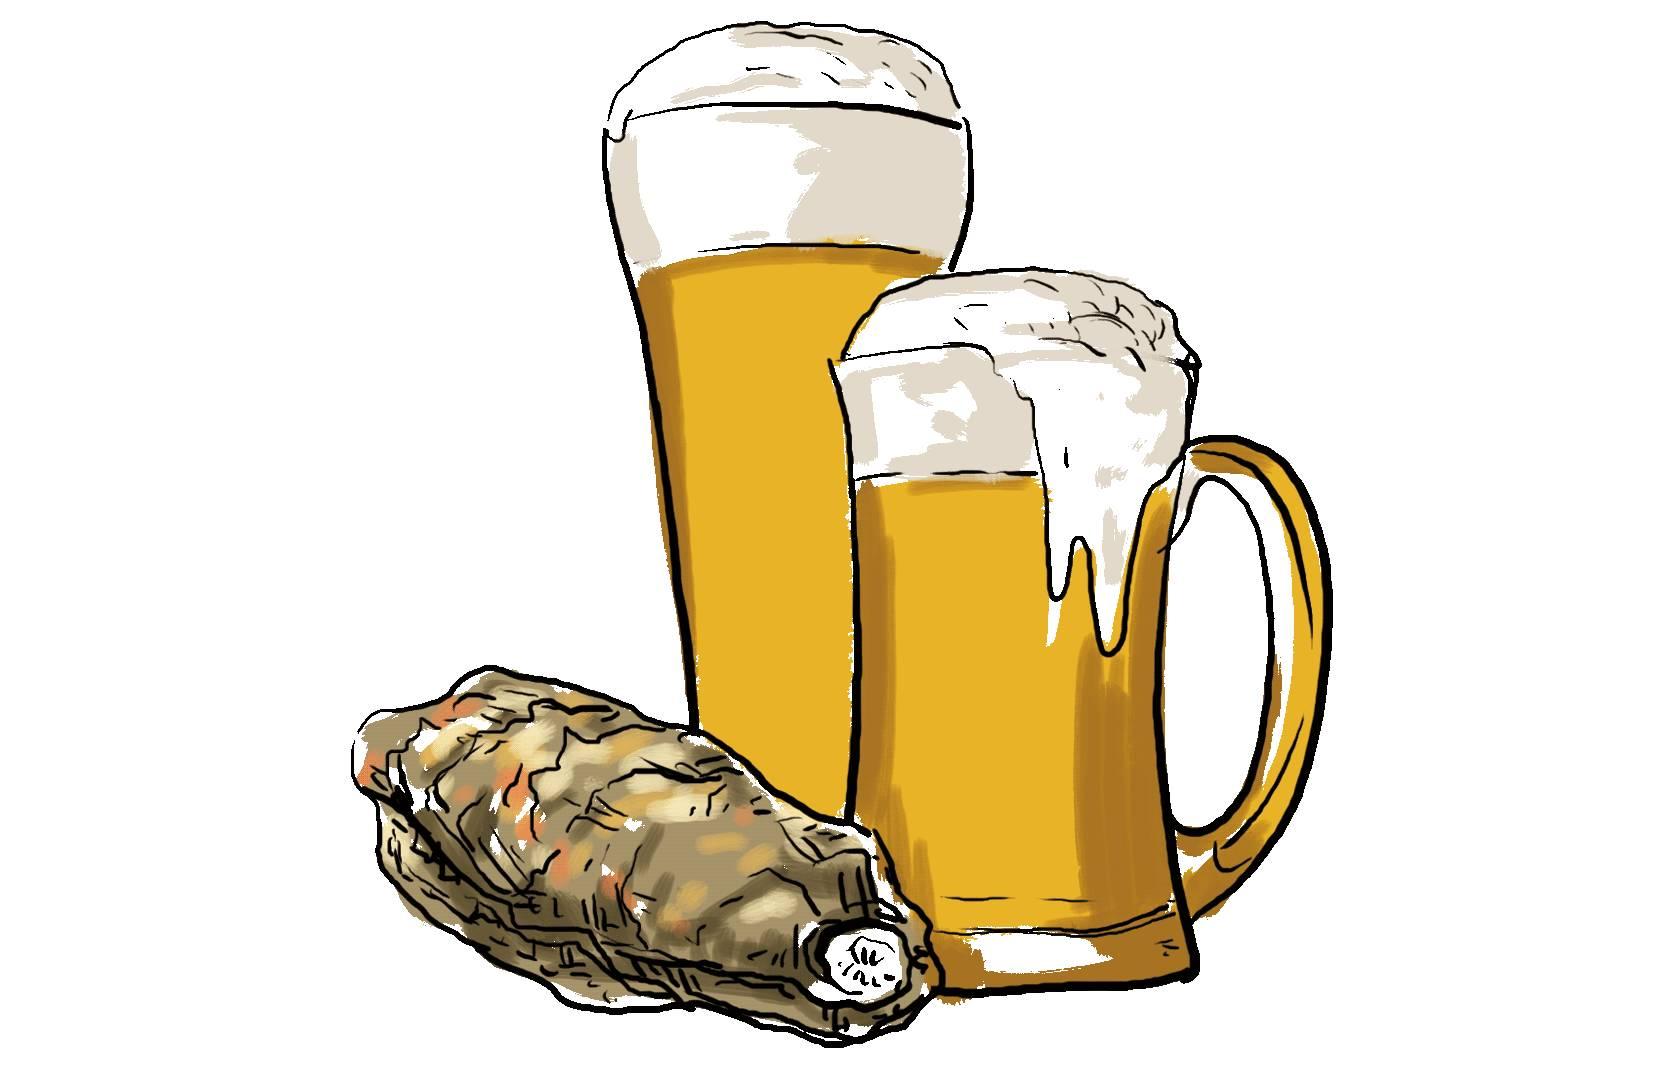 朗姆酒怎么喝 常见的六种朗姆酒的喝法 - 酒水 - 民福康健康(...